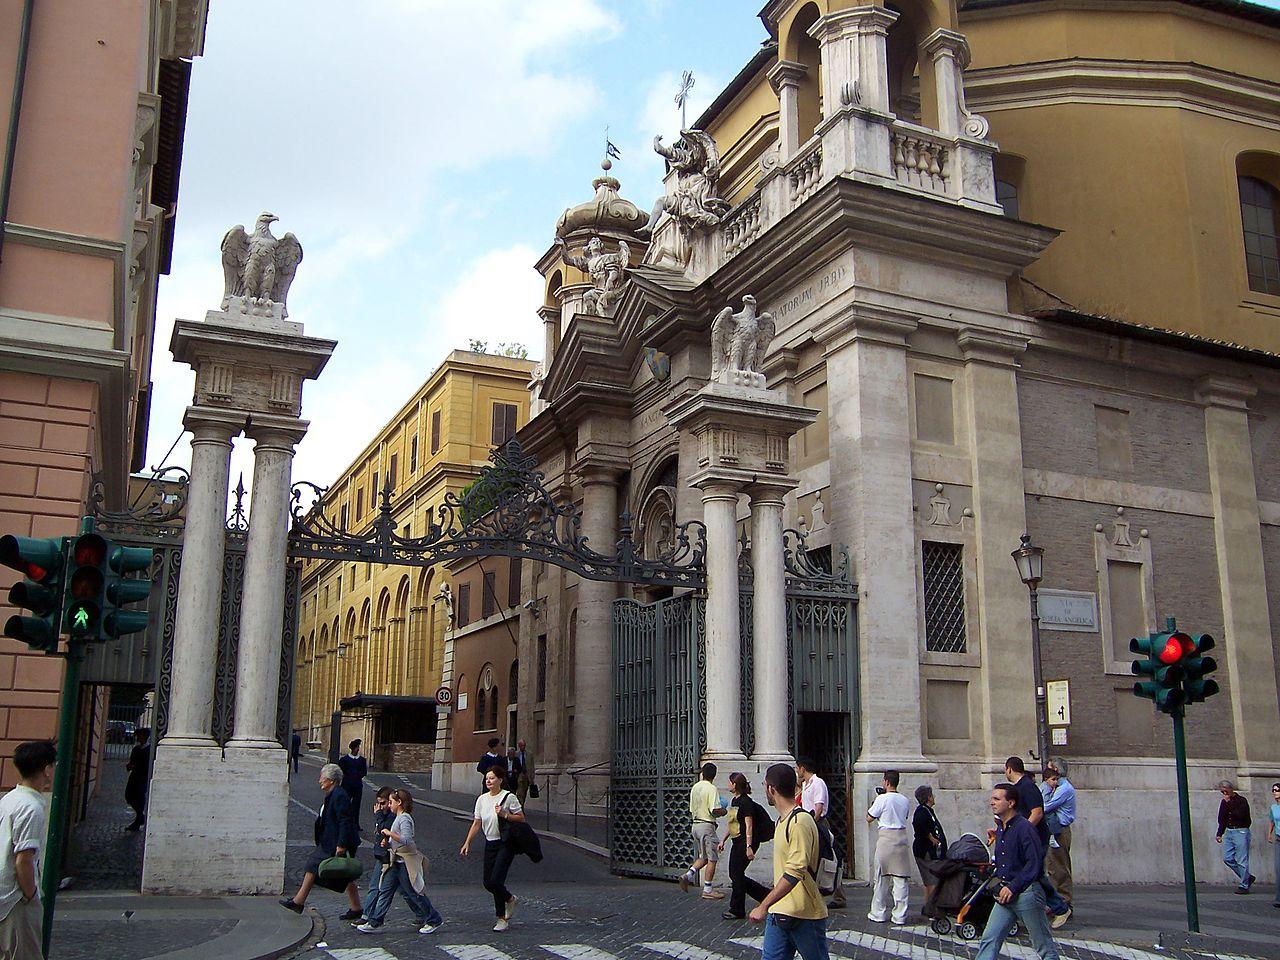 Parish Church of Saint Anne in the Vatican